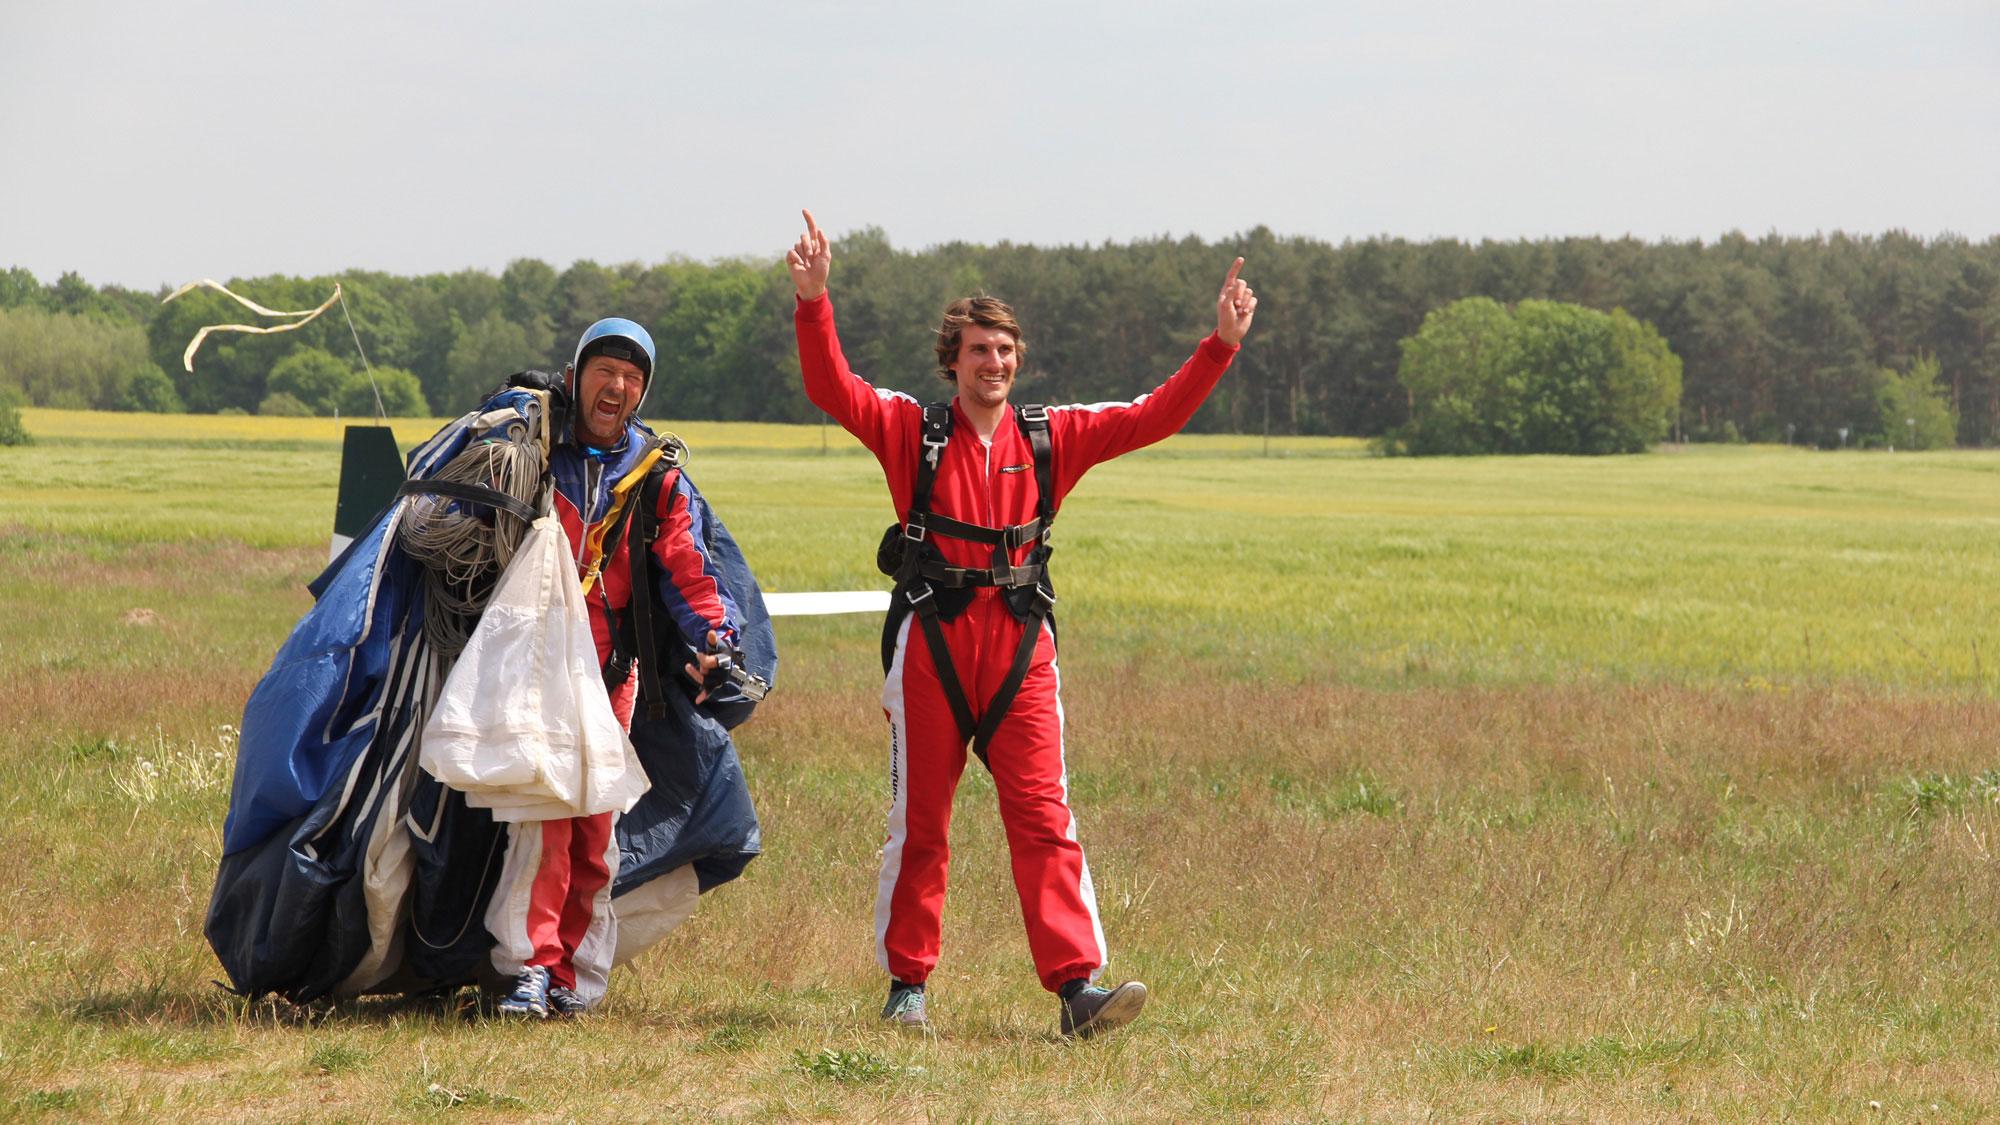 TAKE Off Berlin - Tandemspringen - Tandemgast ist glücklich nach dem Sprung